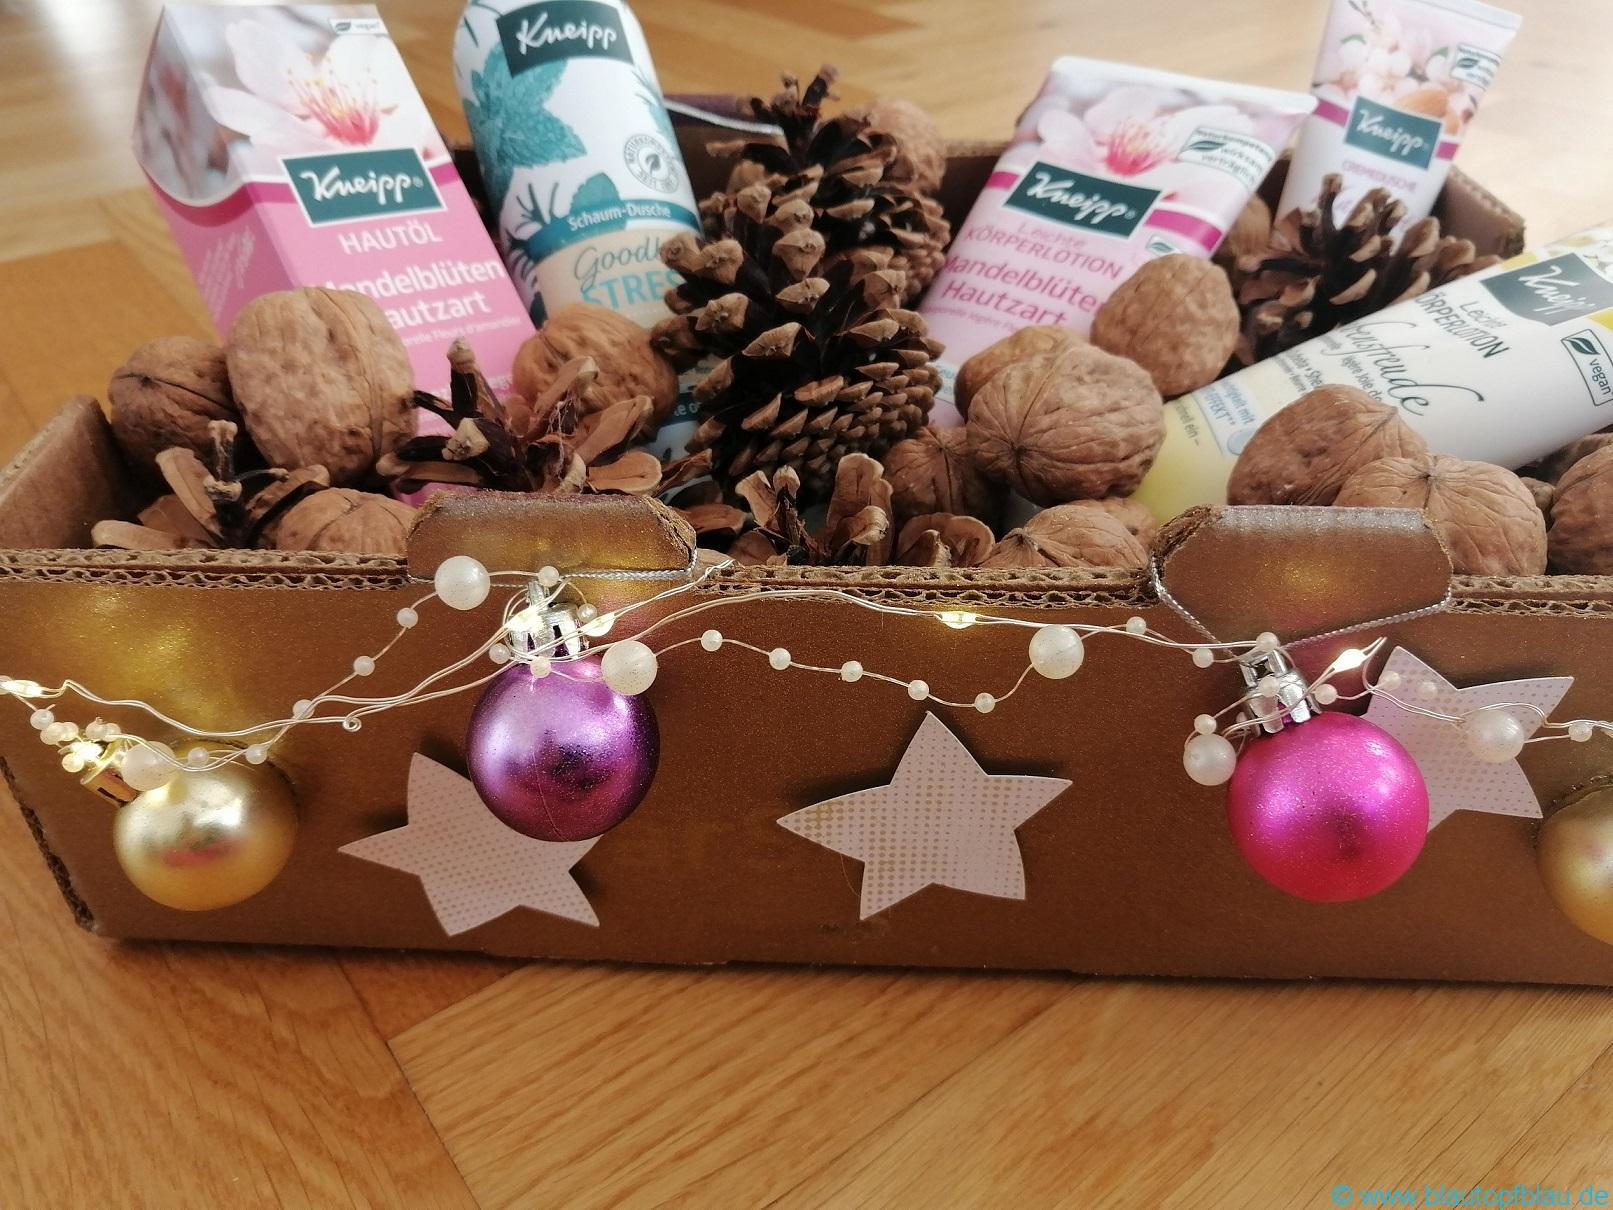 Kneipp DIY Geschenke Weihnachten